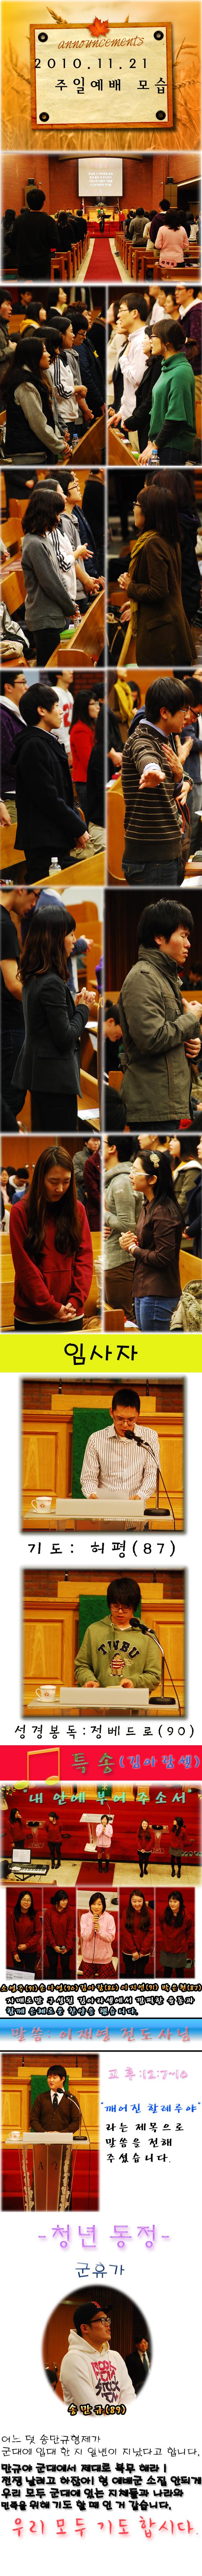 20101121_주일예배모습_copy